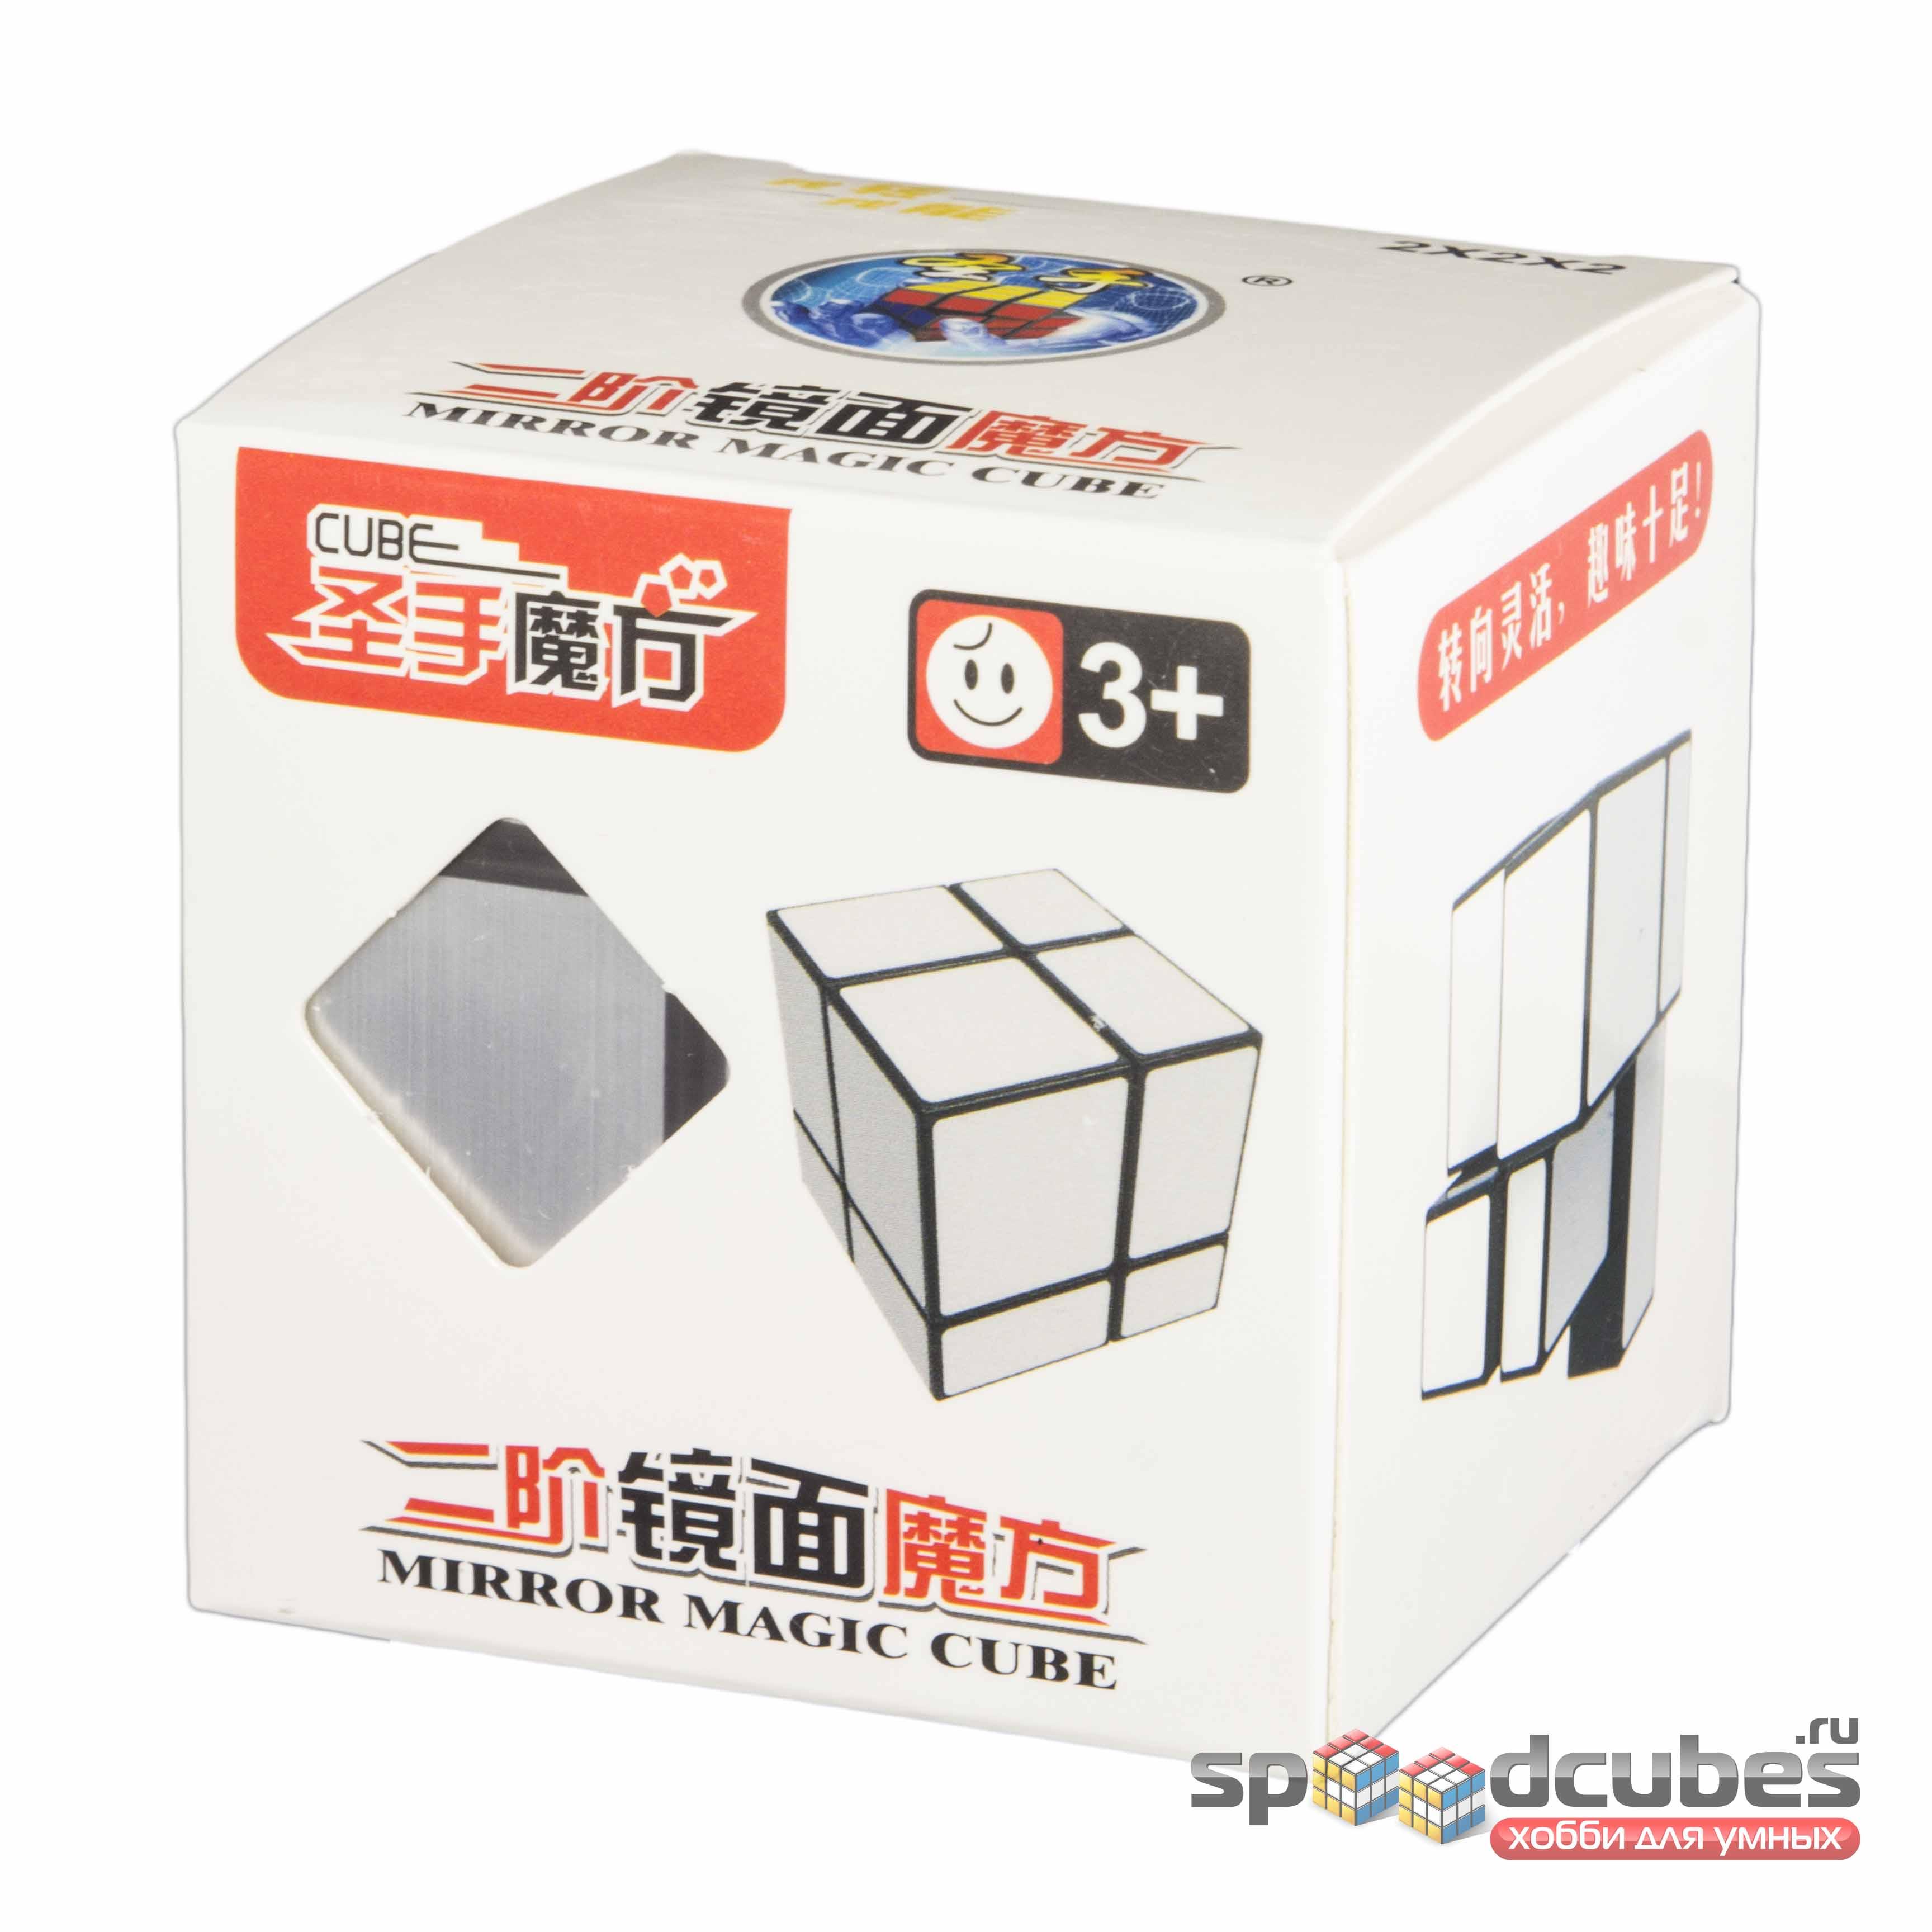 Shengshou 2x2 Mirror Cube 3